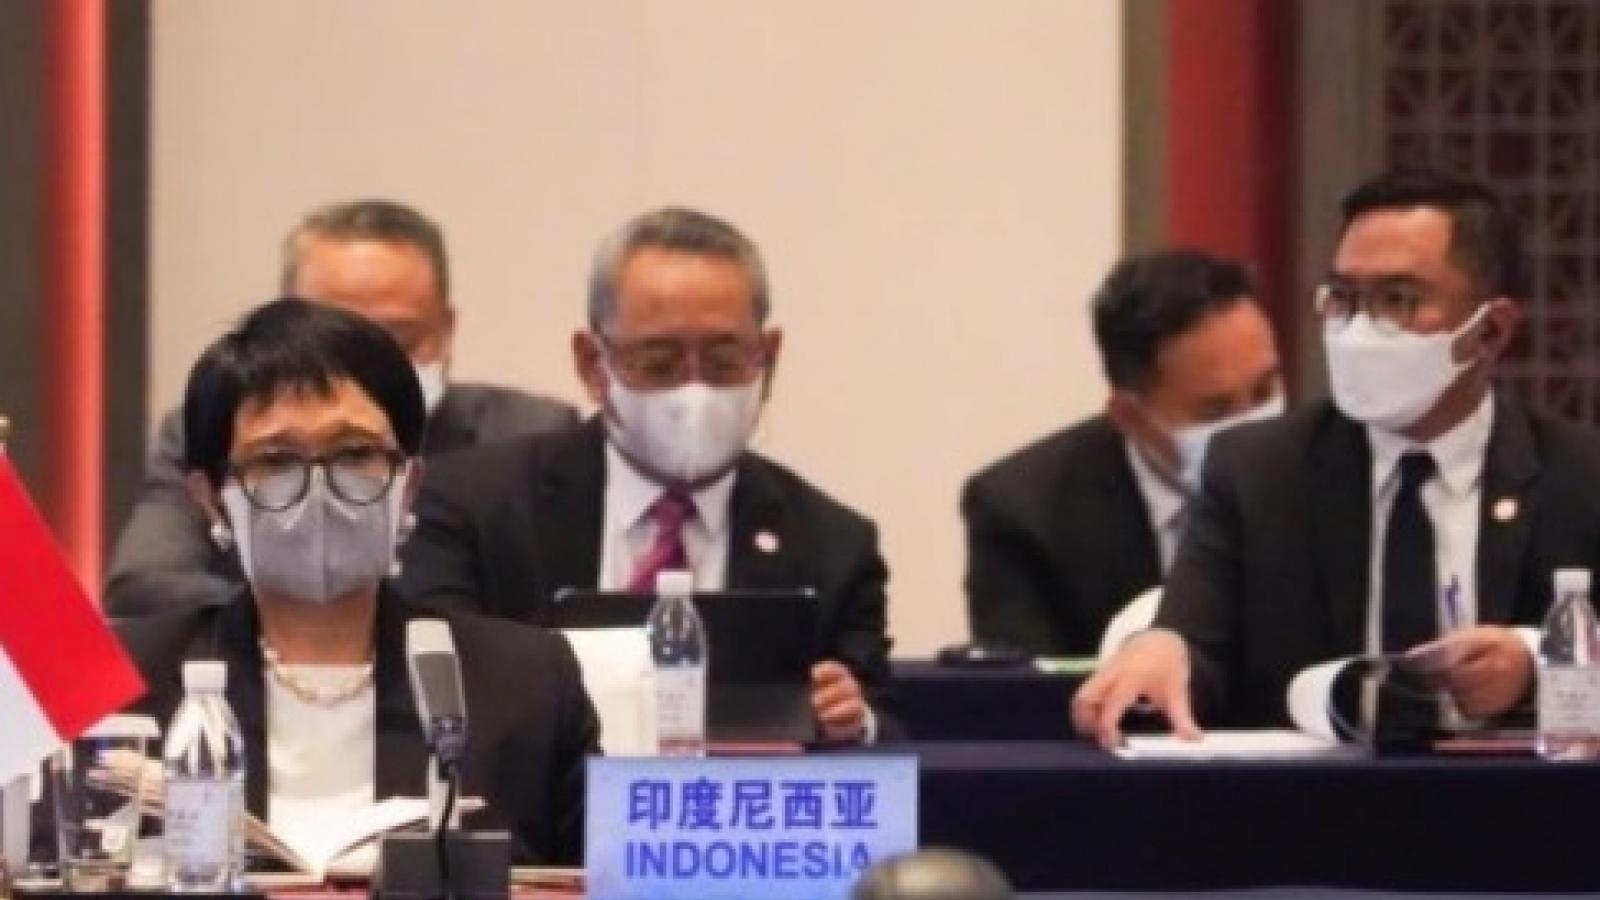 Ngoại trưởng Indonesia: Biển Đông là phép thử quan hệ ASEAN-Trung Quốc